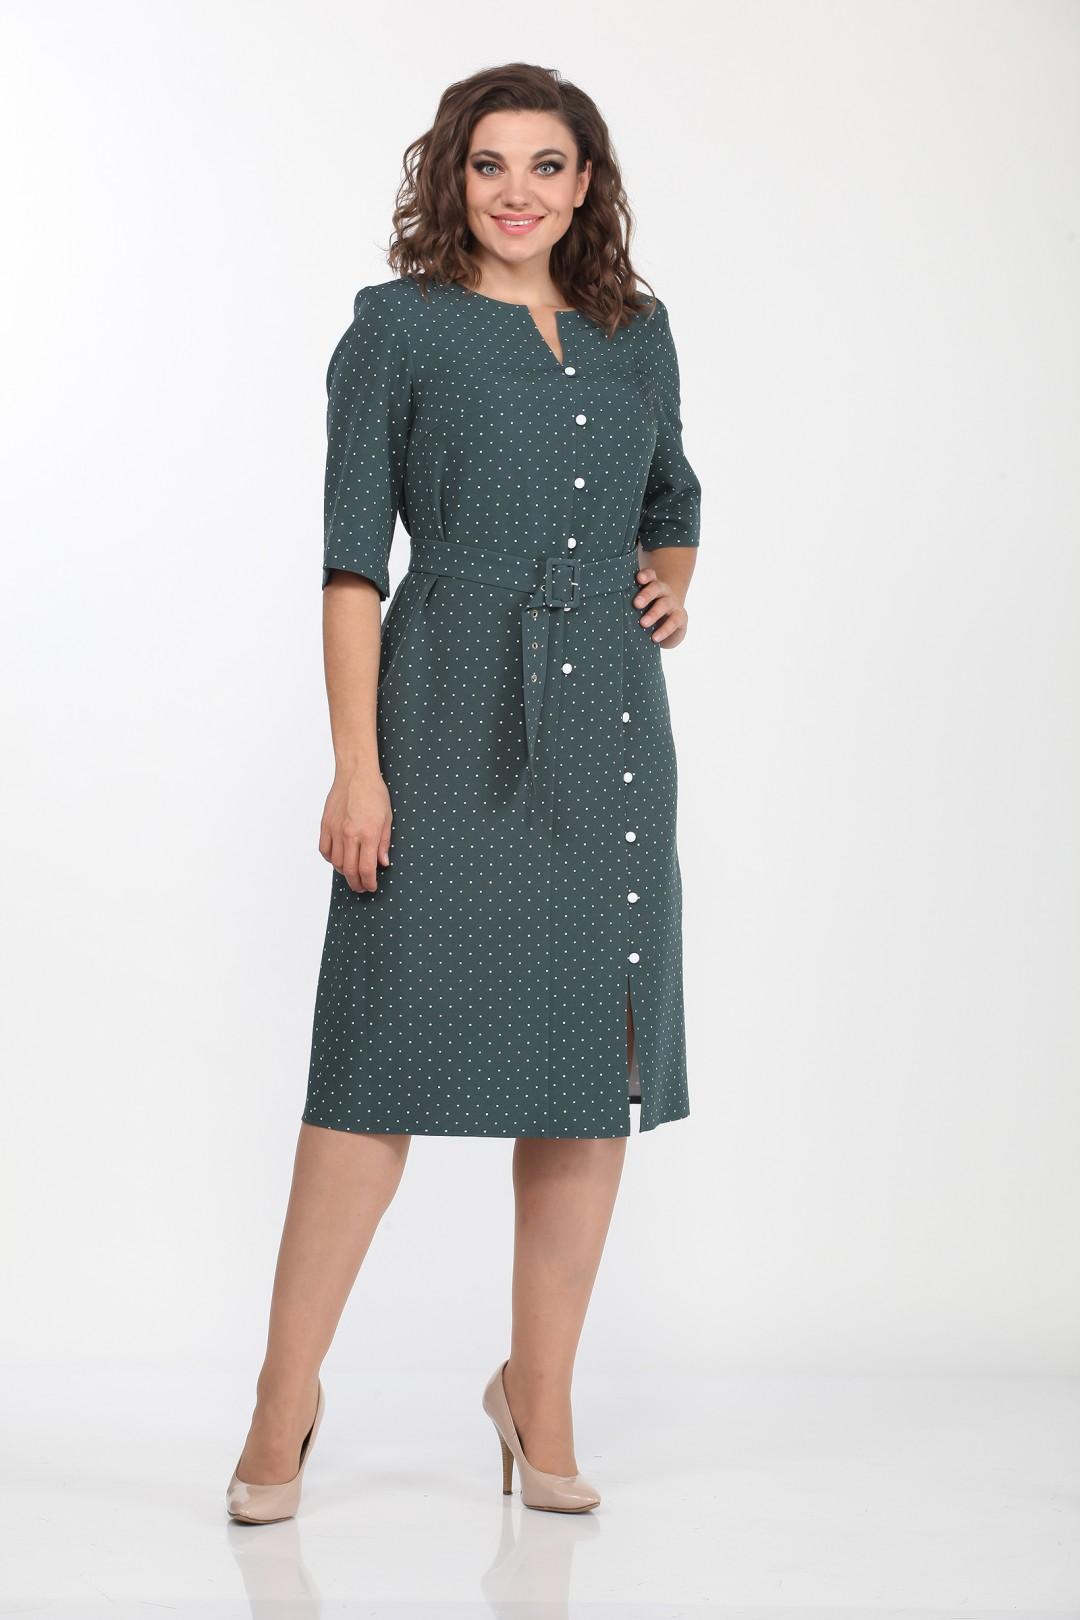 Платье LadyStyleClassic 2119-7 бирюзовый горошек